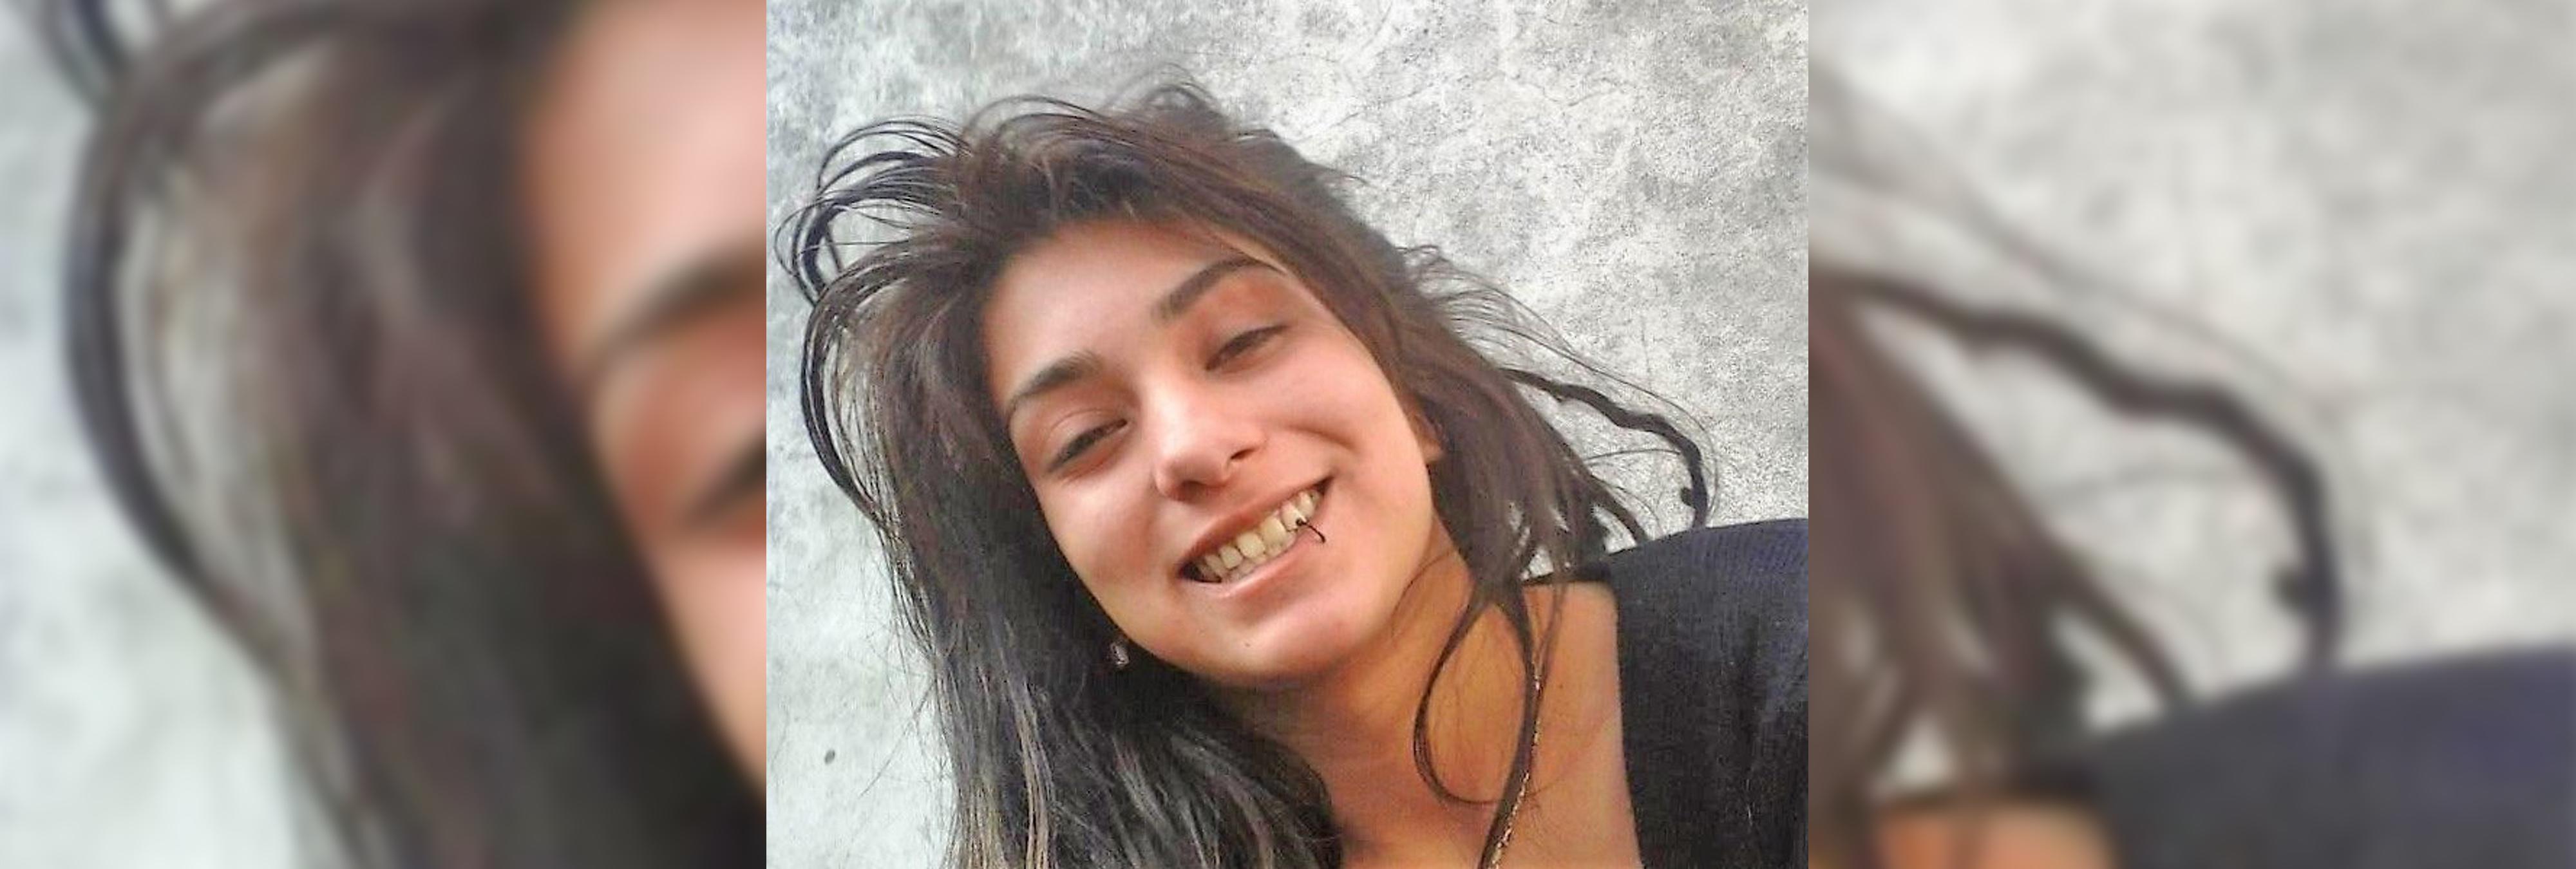 Chica de marruecos sola en cama nihad arafat - 5 4